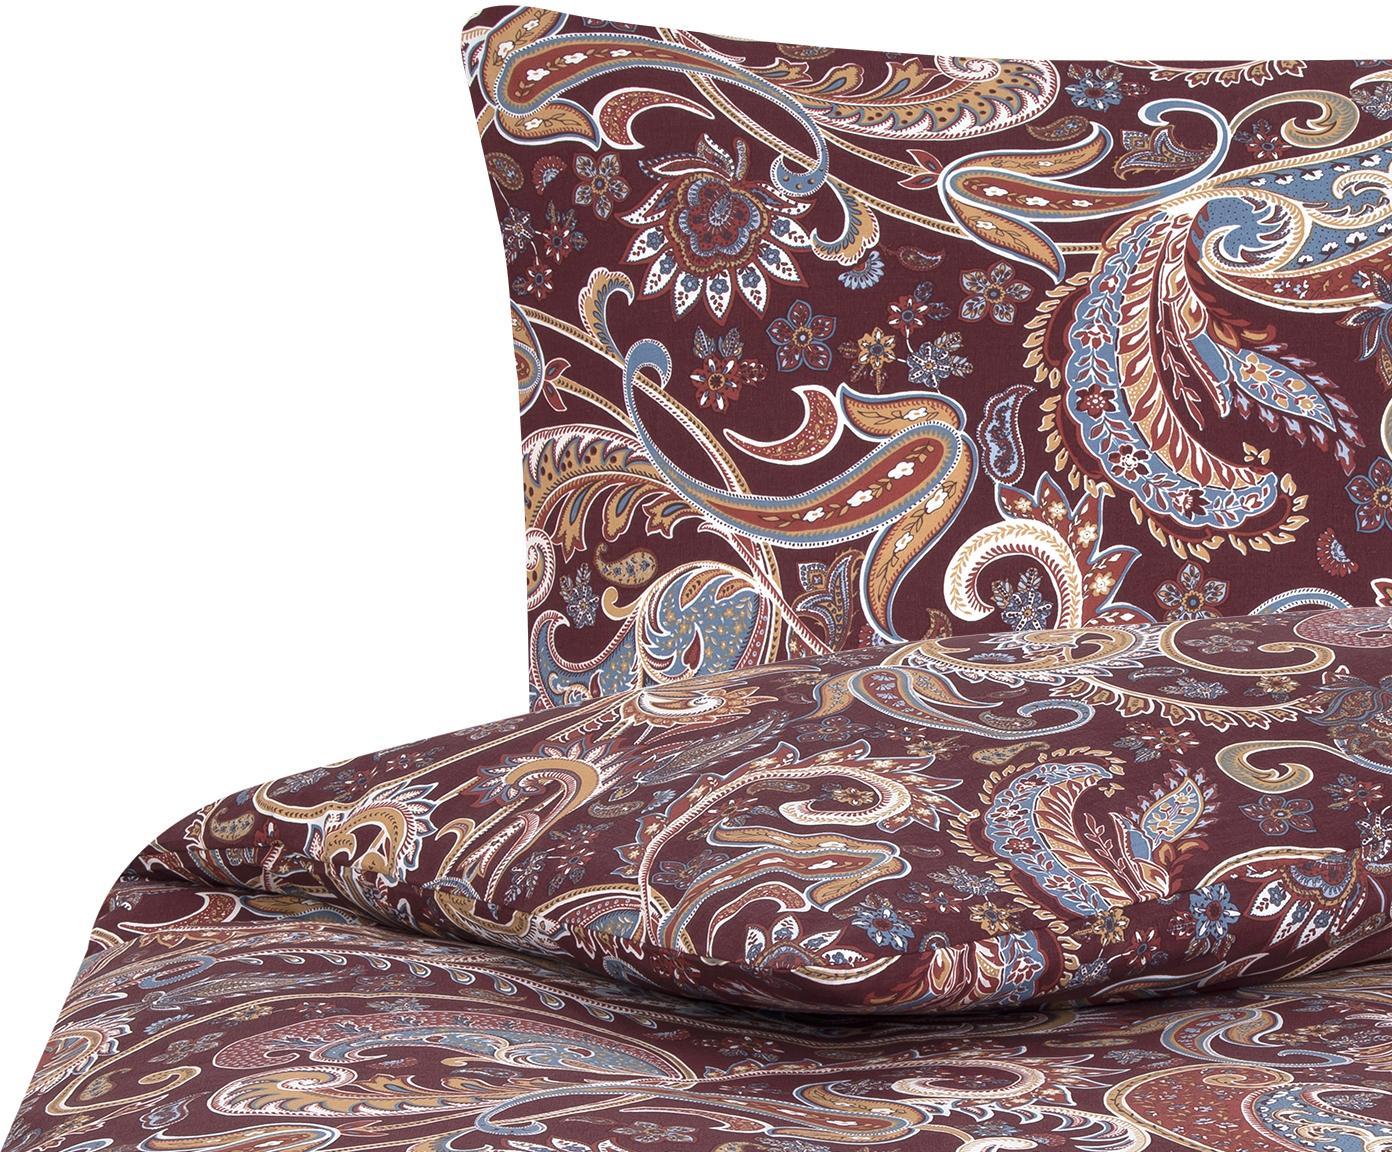 Pościel z bawełny renforcé Liana, Tapicerka: ciemny fioletowy nogi: czarny, matowy, 135 x 200 cm